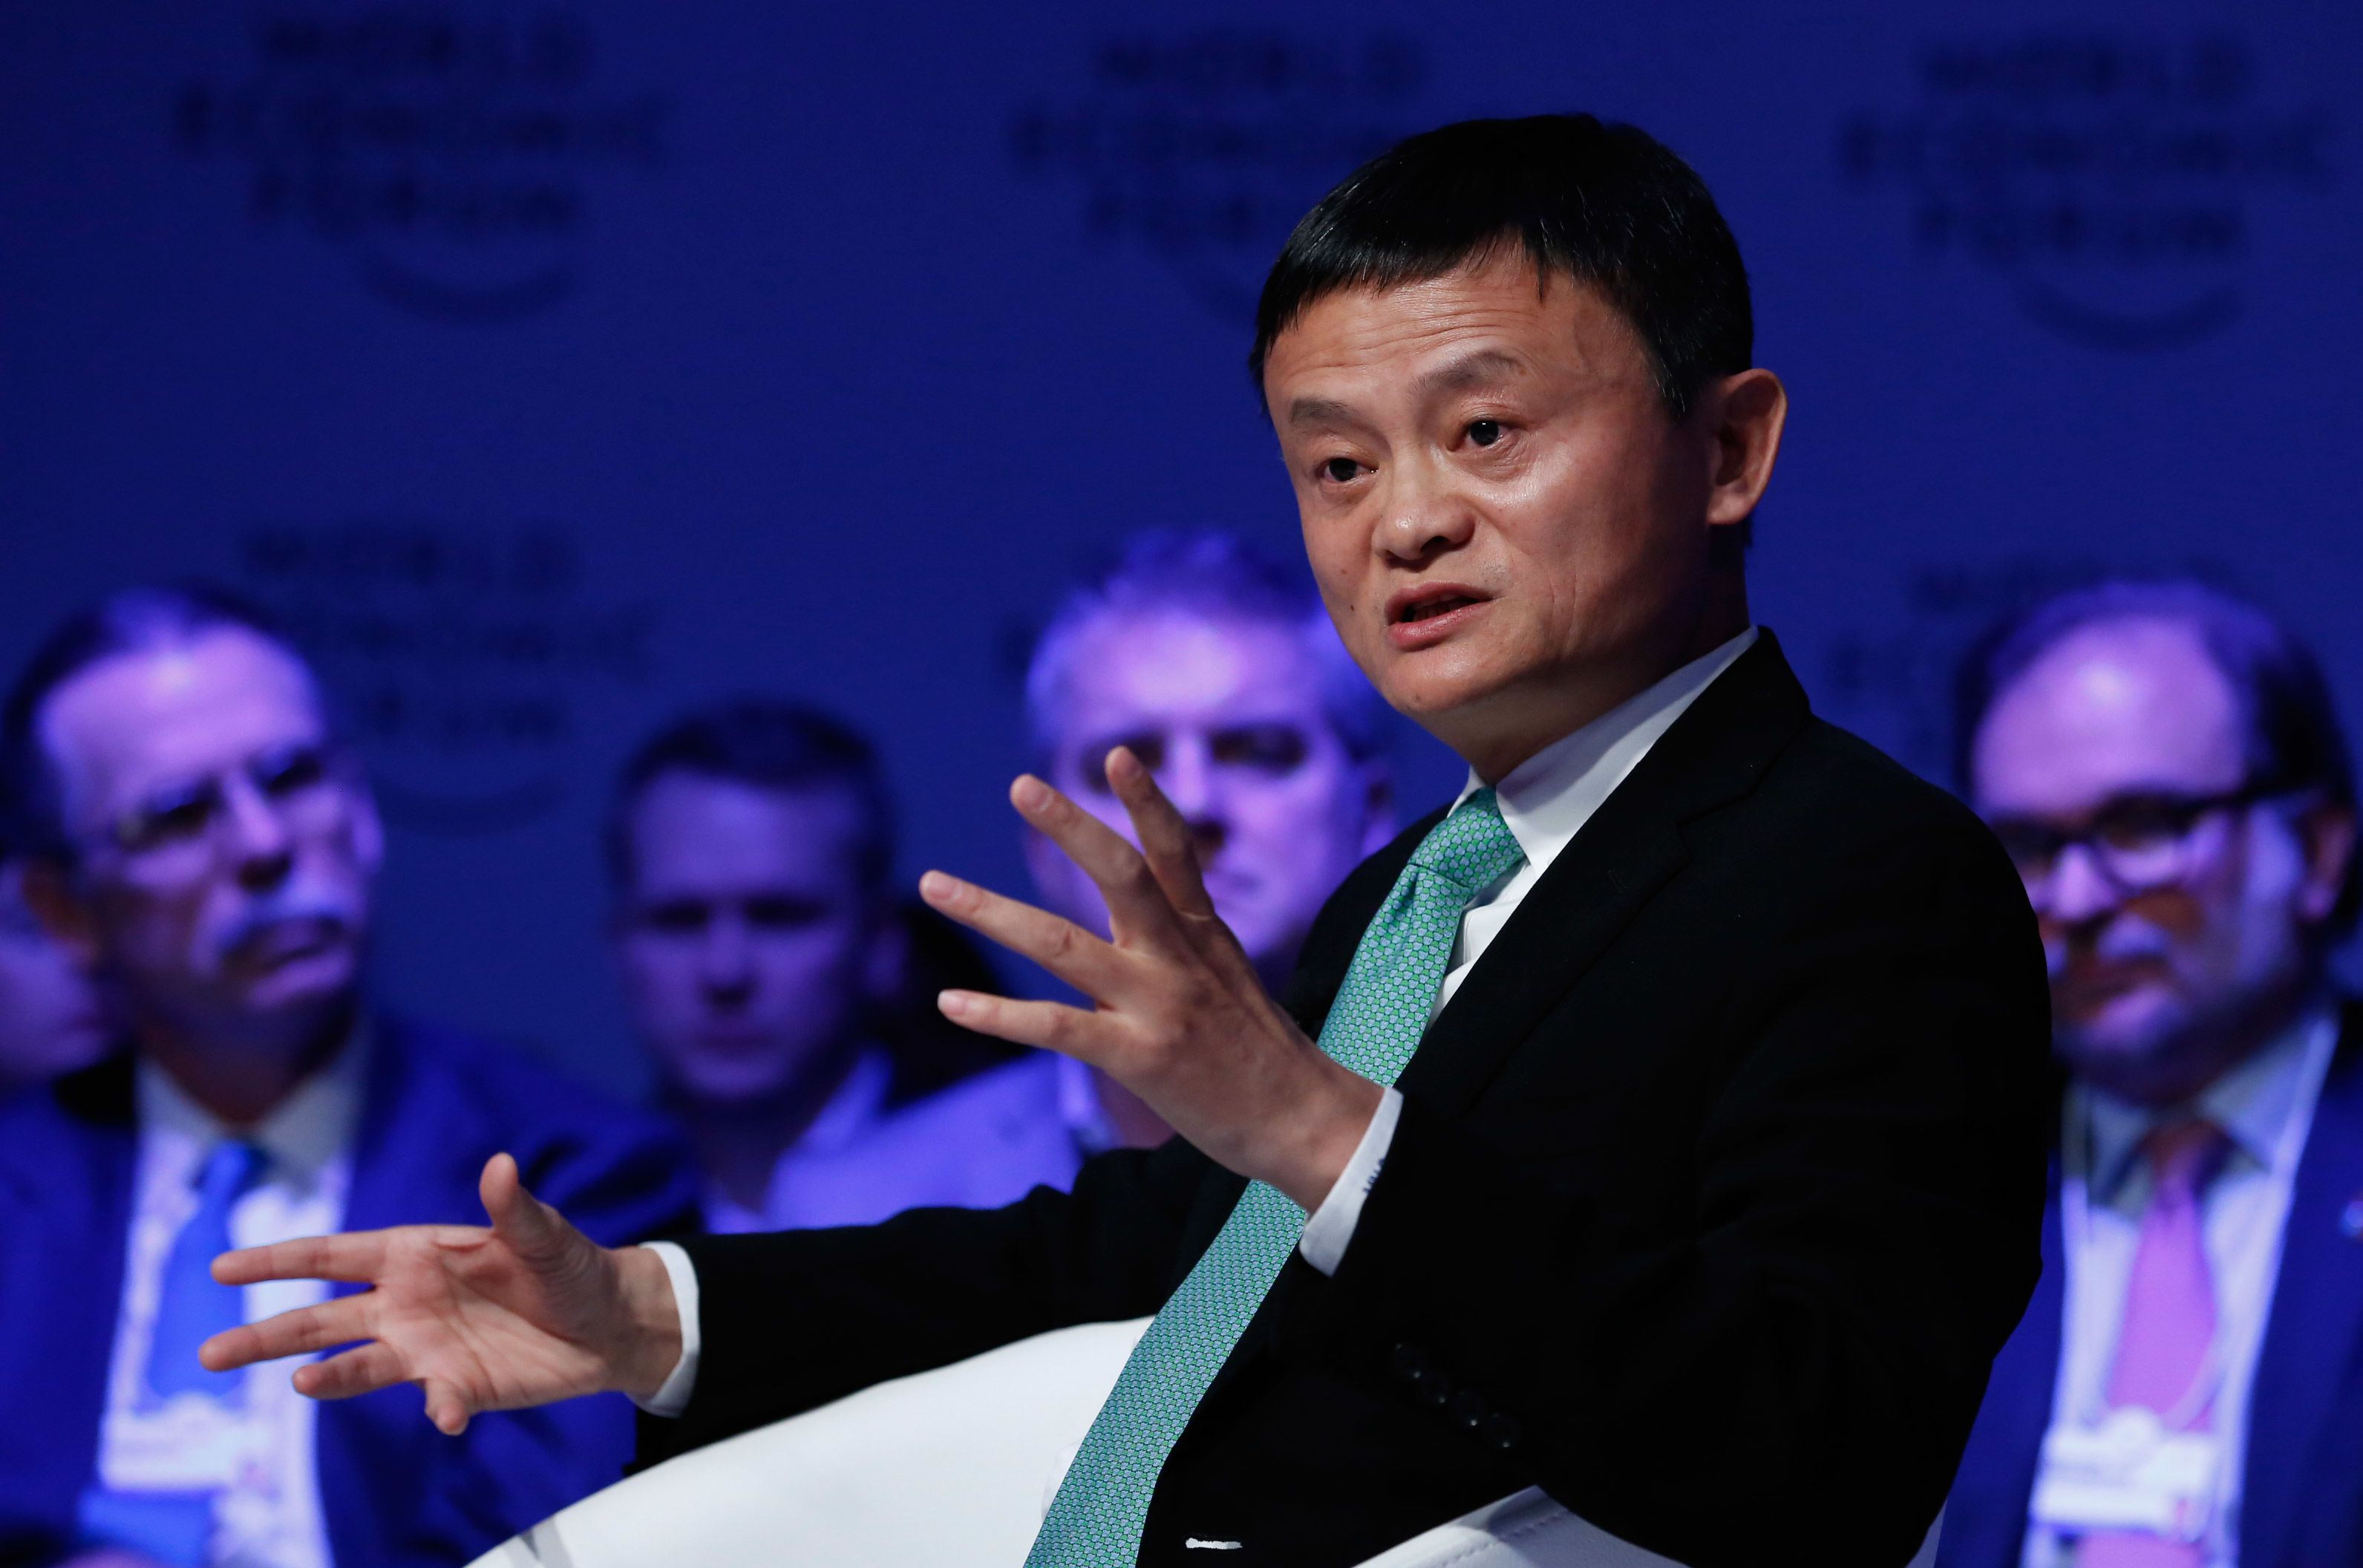 جک ما - Jack Ma